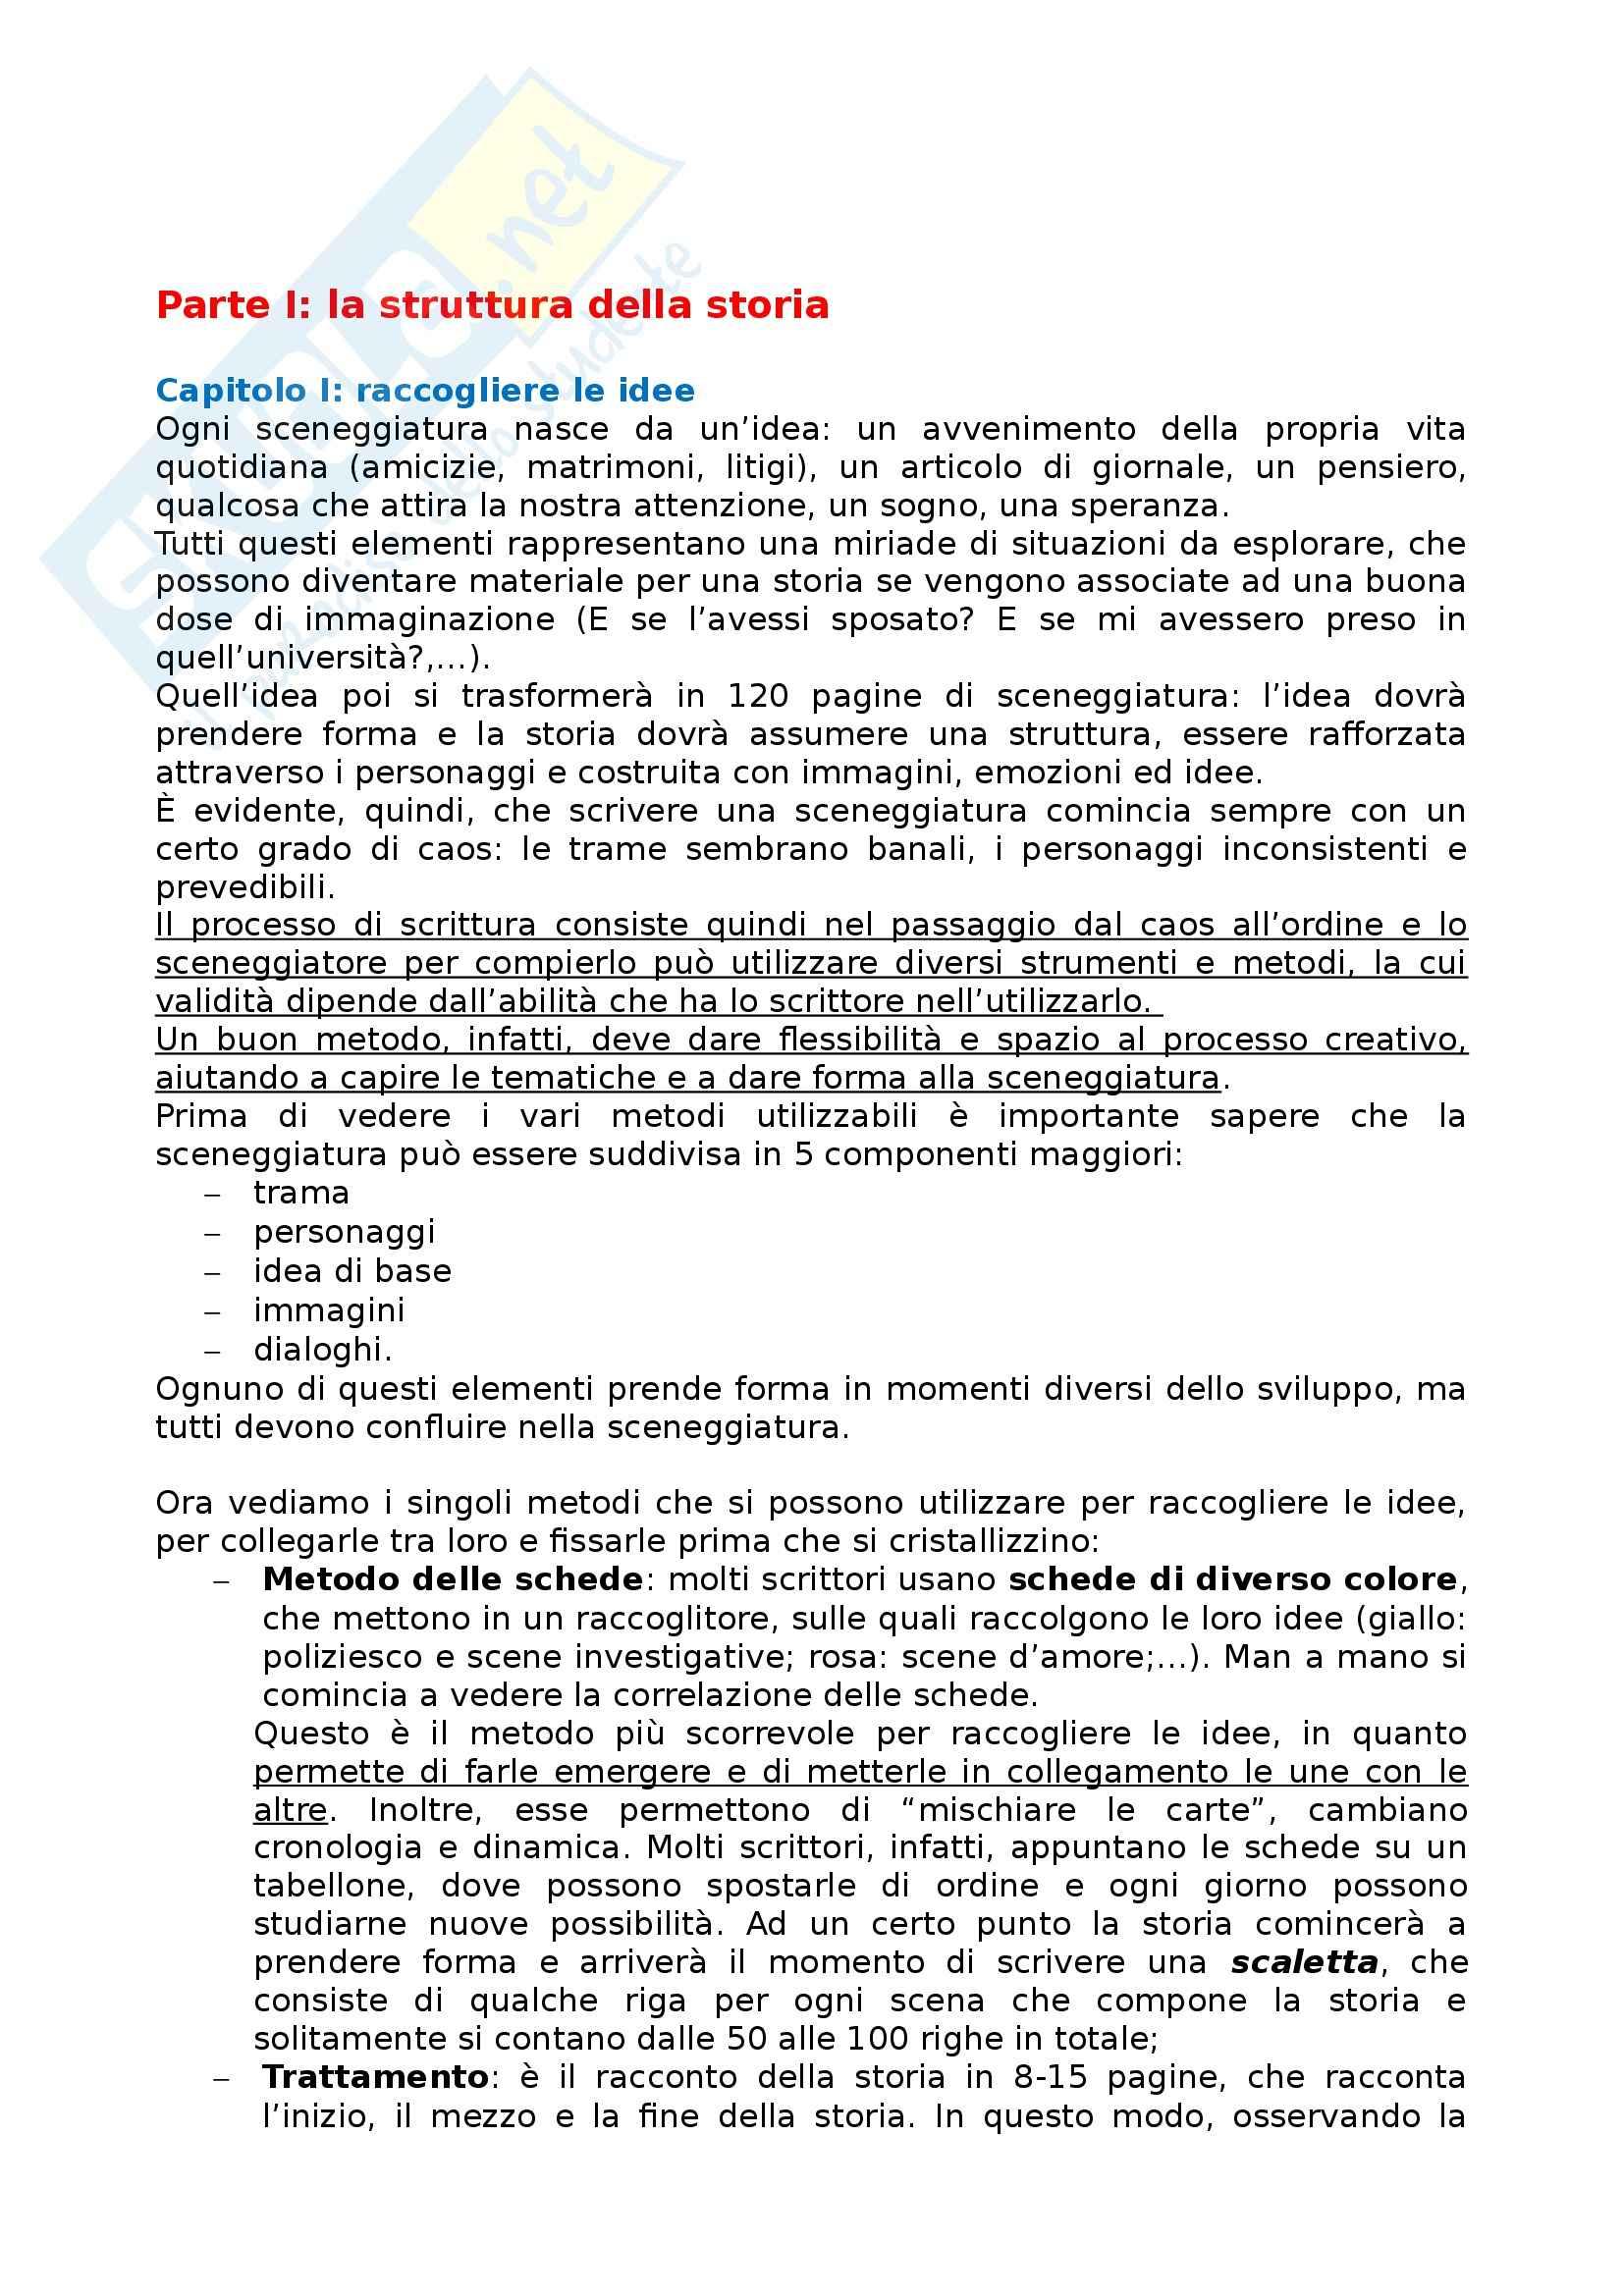 Riassunto esame Semiotica, prof. Fumagalli, libro consigliato Come scrivere una grande sceneggiatura, Seger